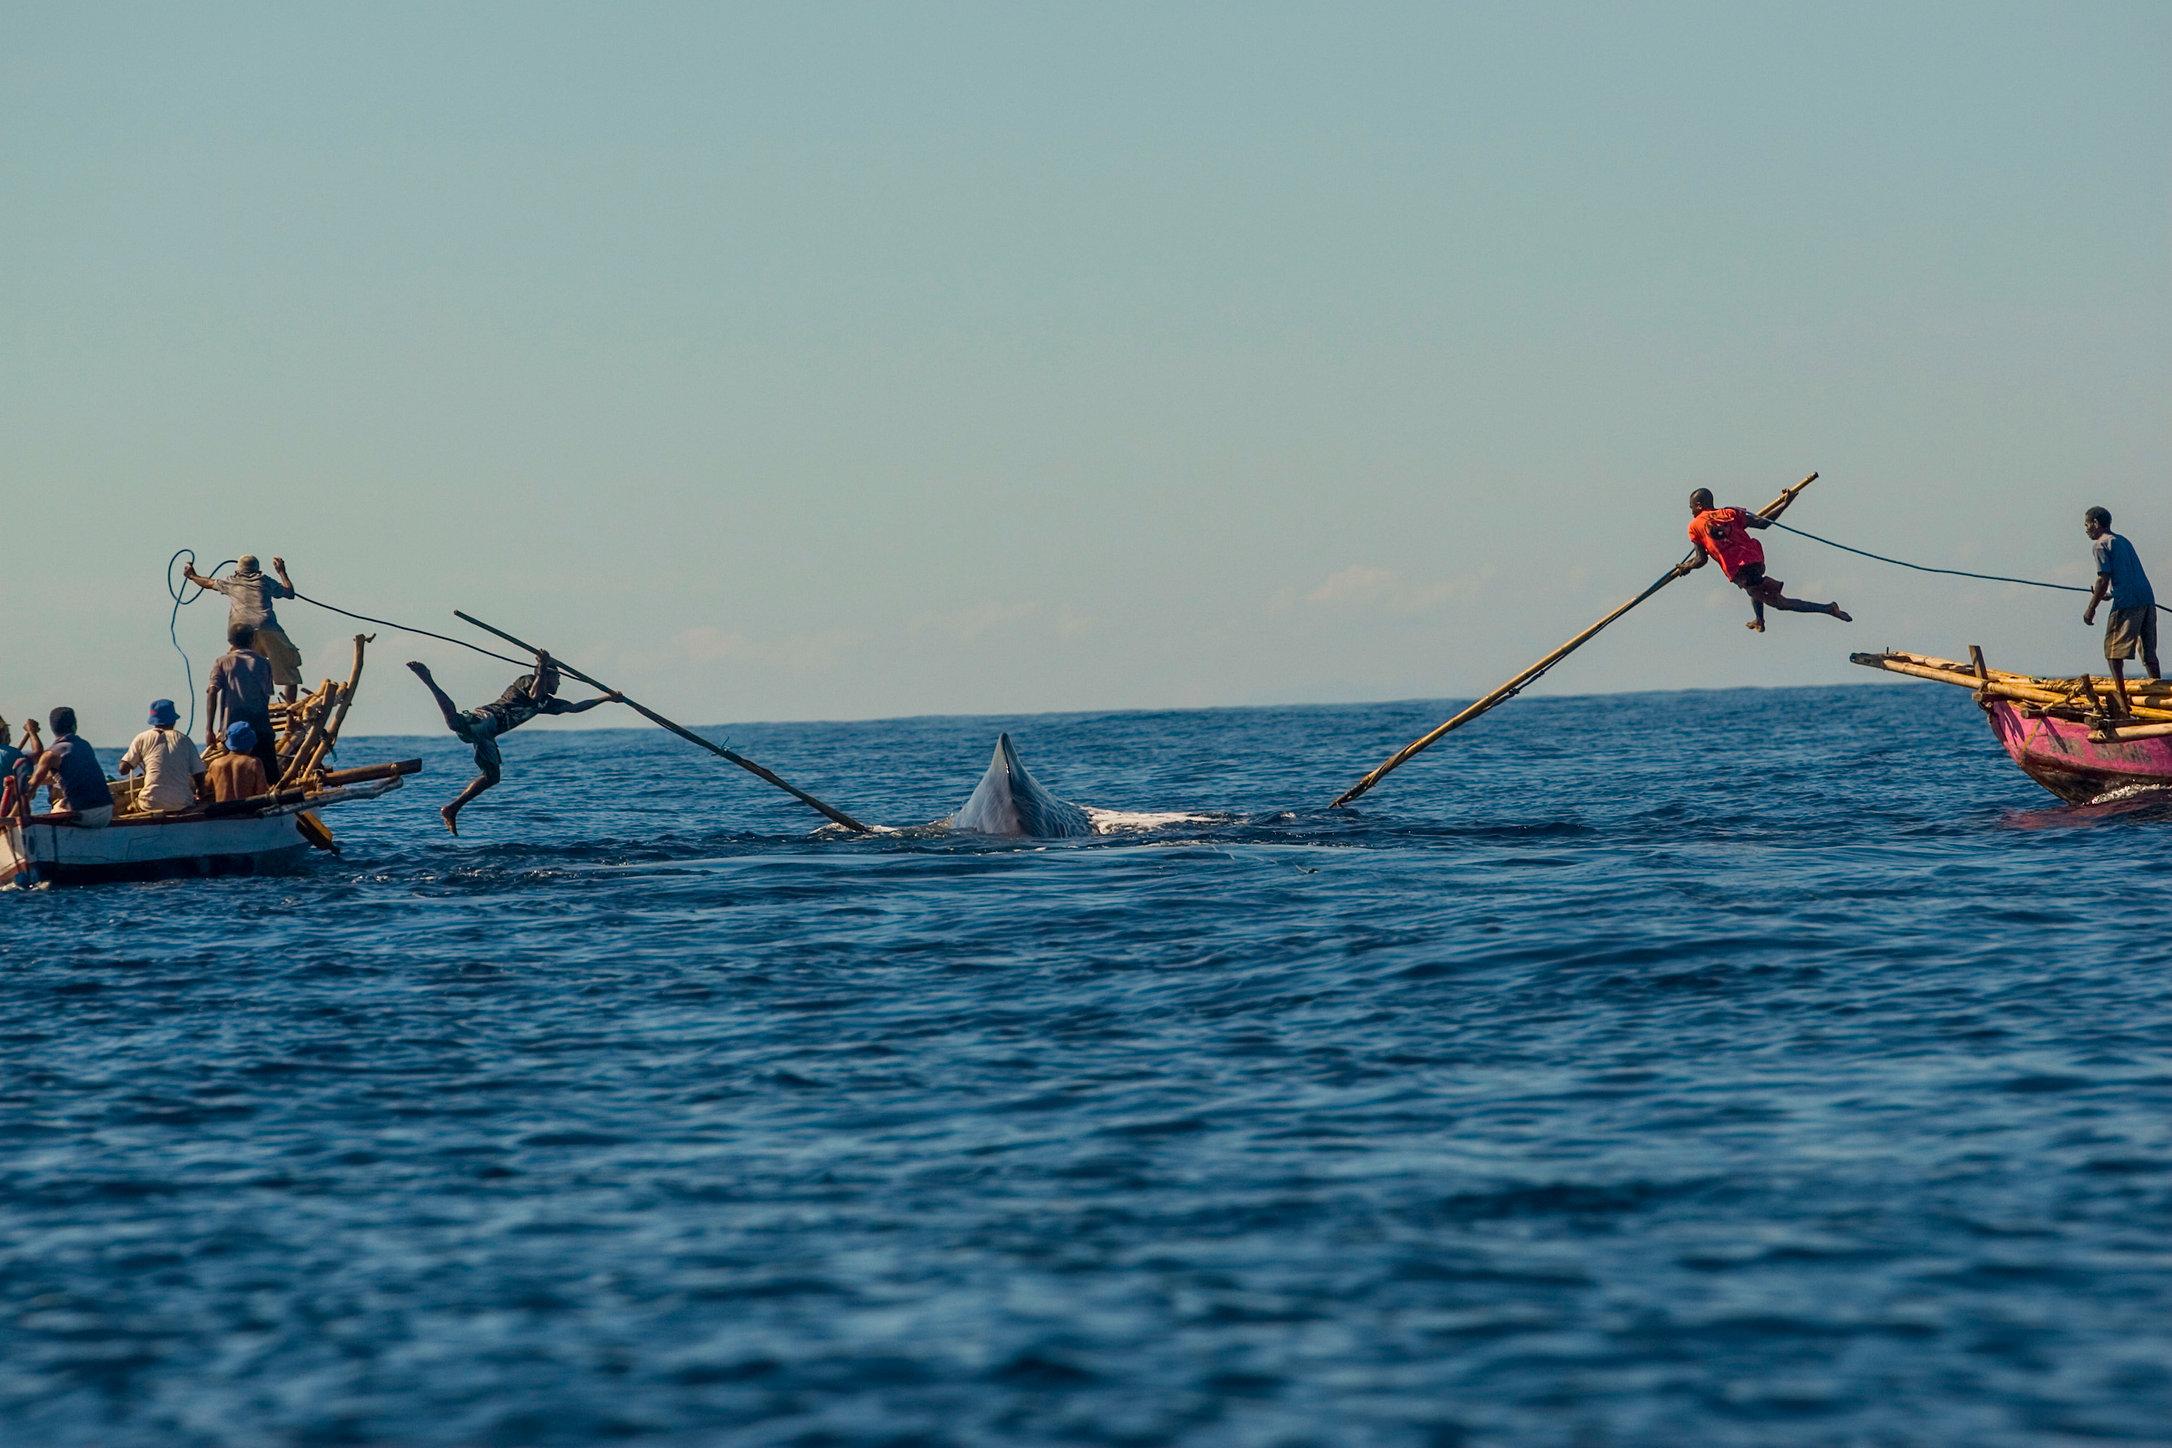 Samarbejde har været vejen frem for det moderne menneske. Her er det hvalfangere fra Lamelera i Indonesien, der arbejder sammen for at fange føde – en kaskelothval. (Foto: Ardiles Rante)